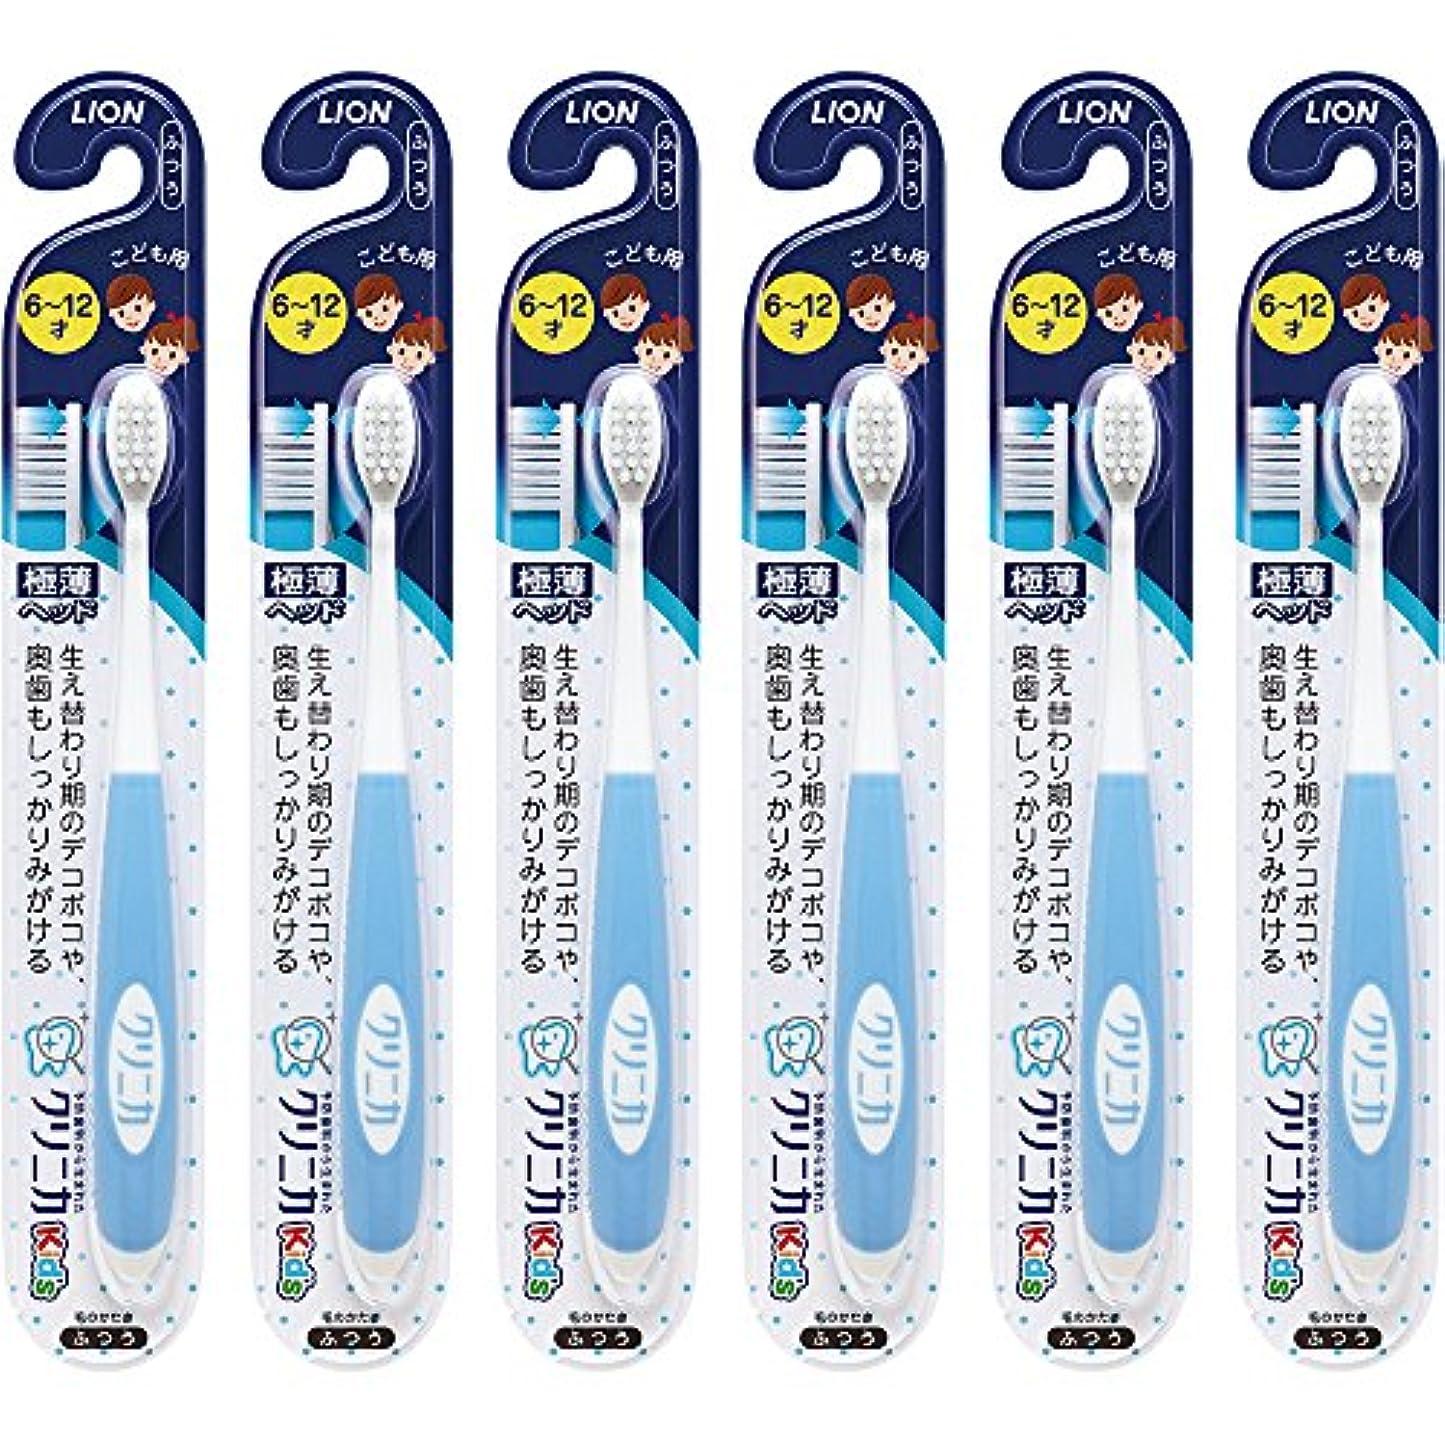 売上高悲しいことに愛するクリニカKid's ハブラシ 6-12才用 6本パック(ブルー)